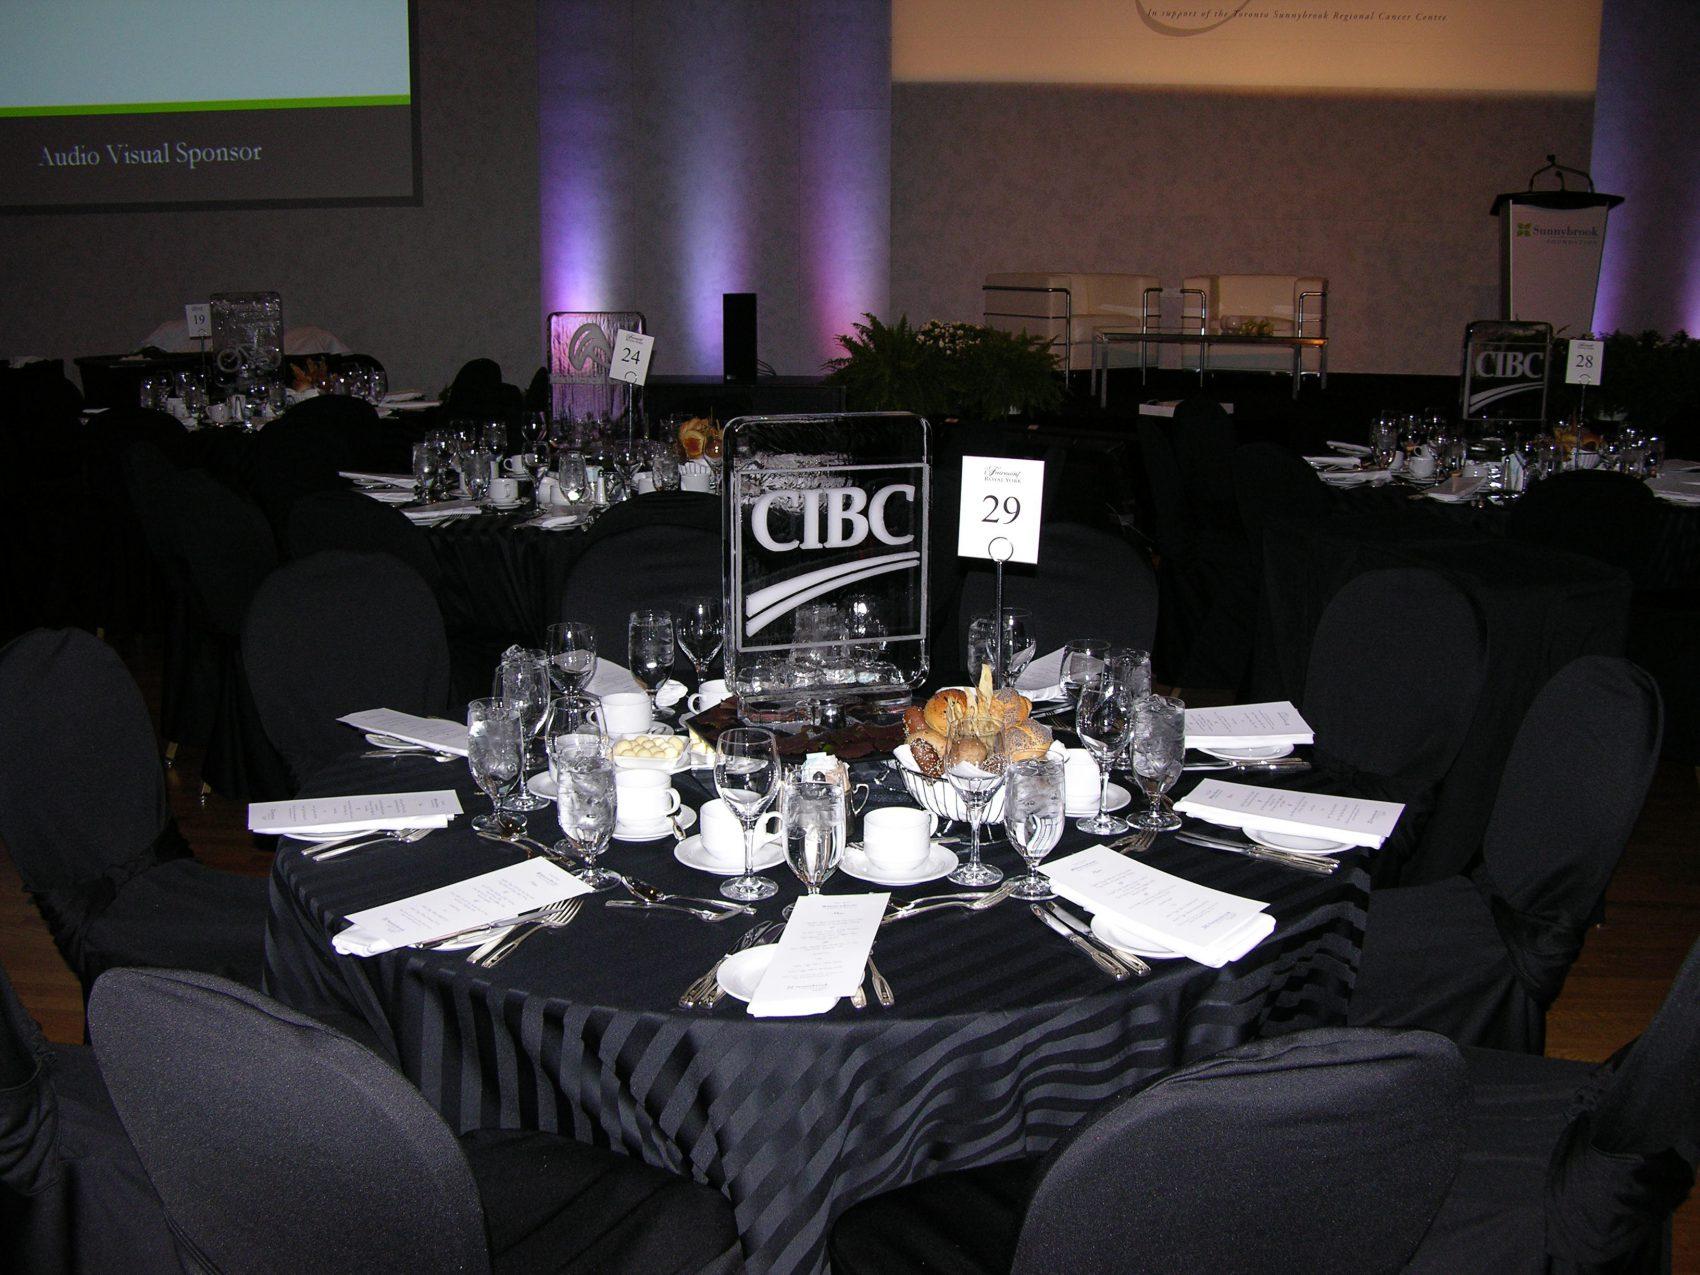 CIBC Centerpiece